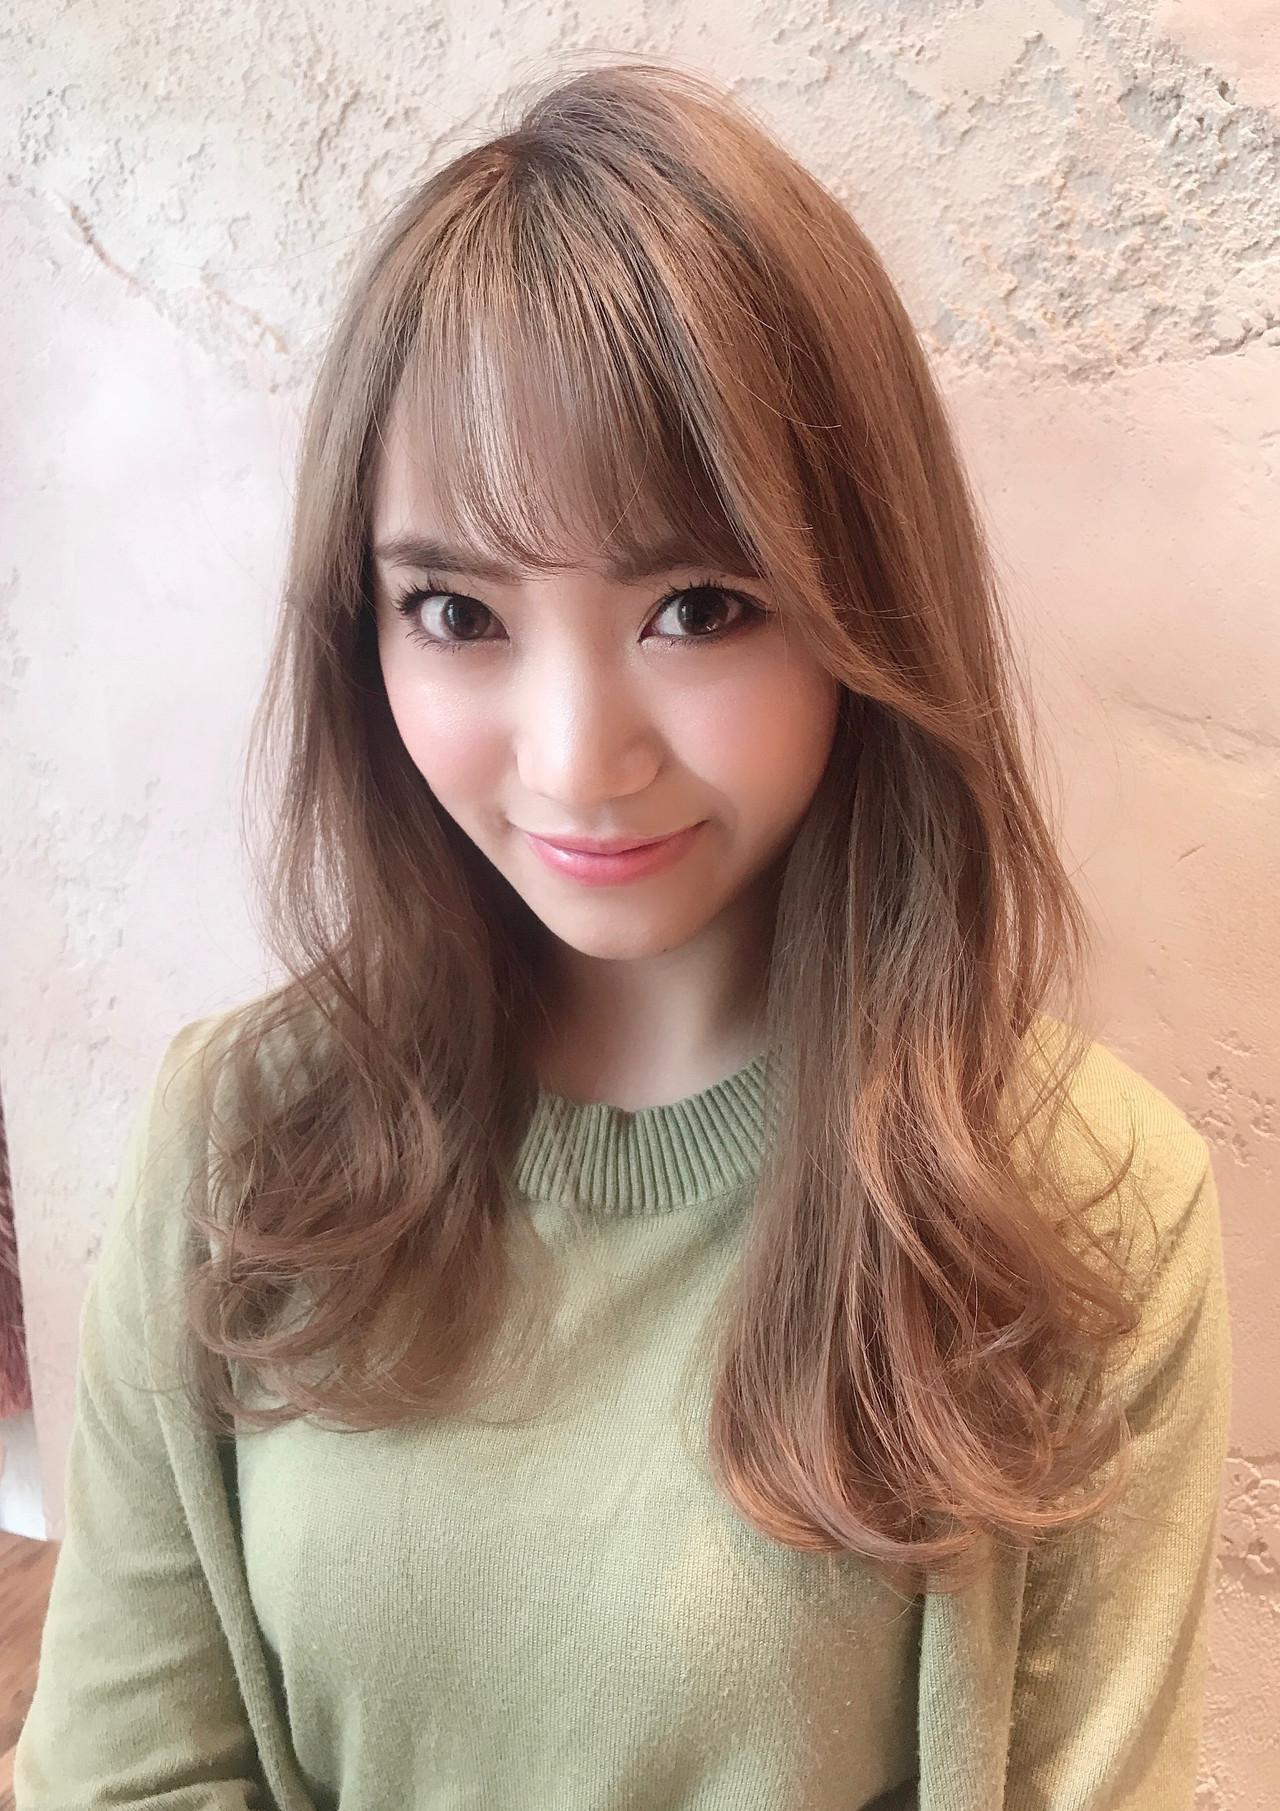 巻き髪 透明感カラー ミルクティーベージュ ミルクティー ヘアスタイルや髪型の写真・画像